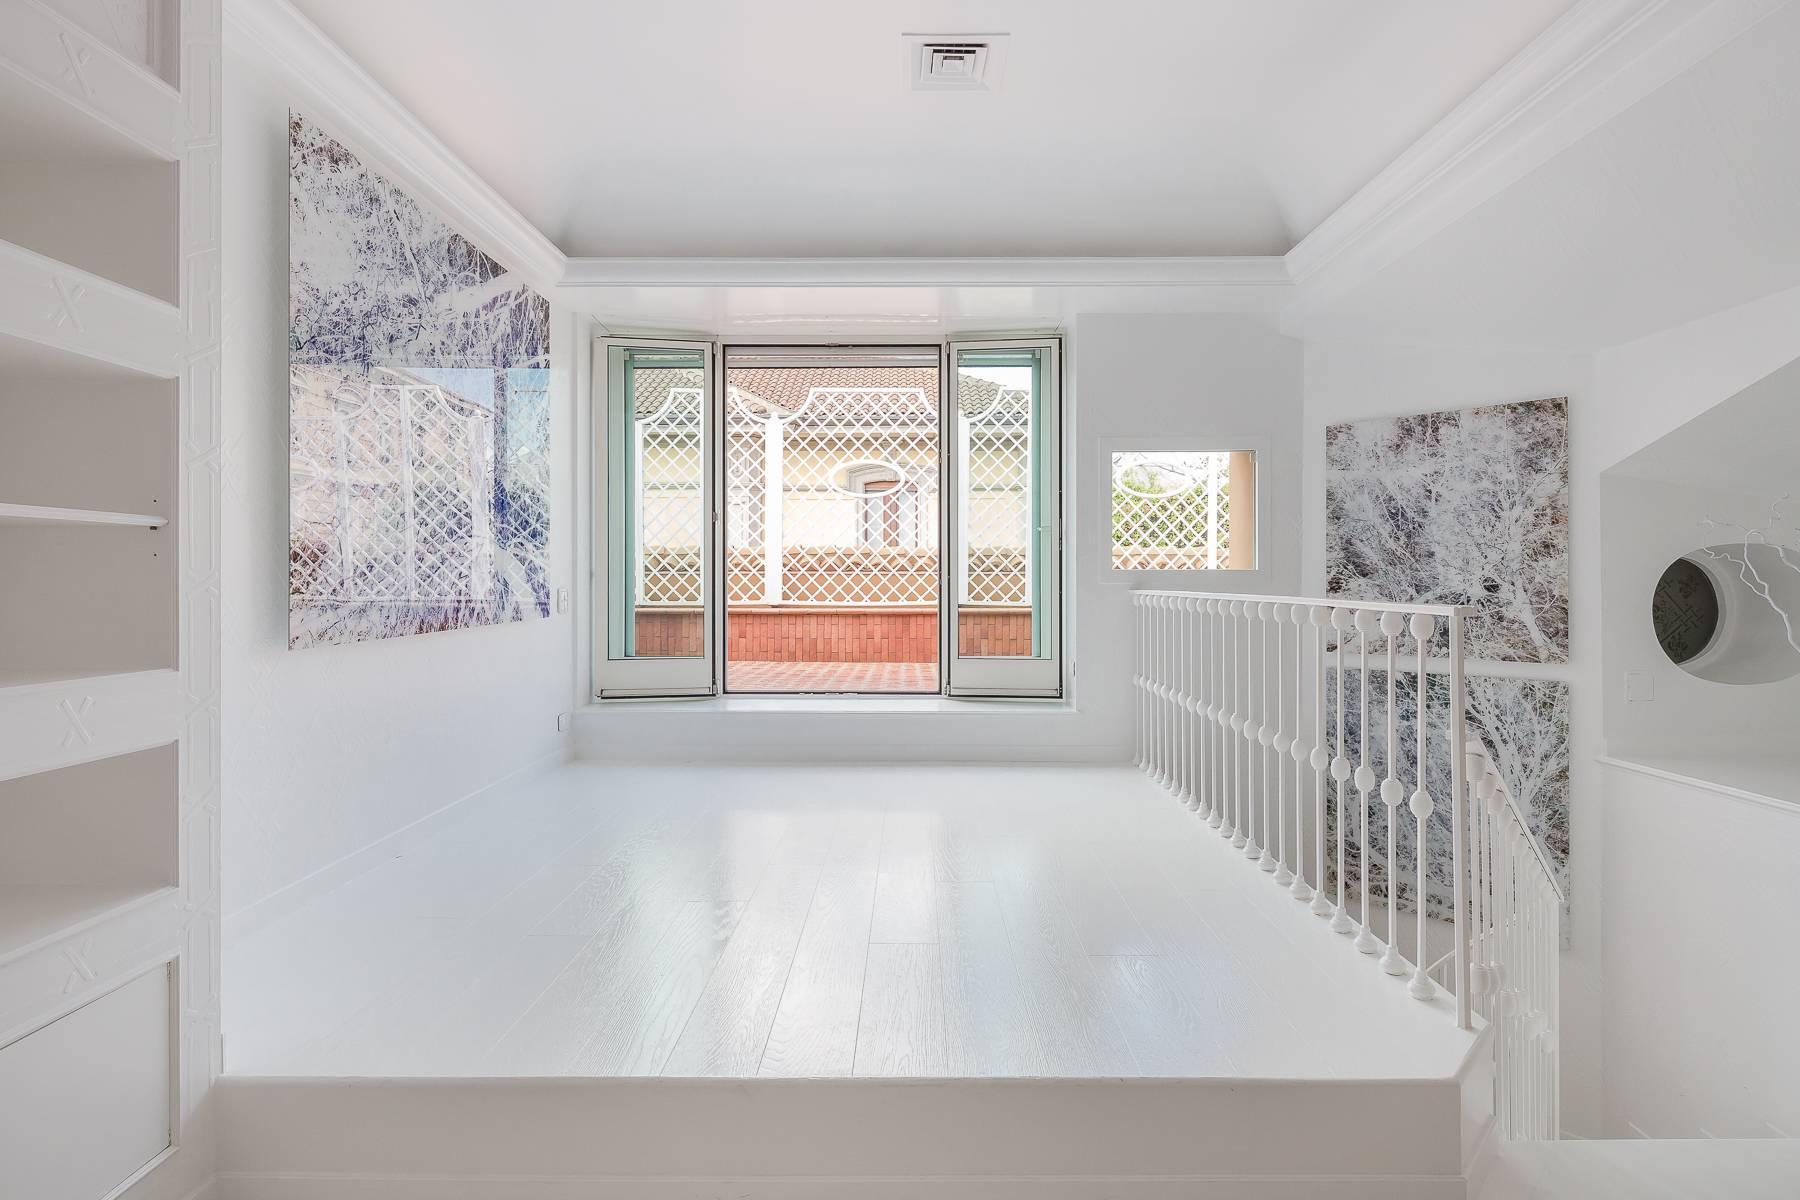 Top-floor apartment for rent in Via Tamburini - 16